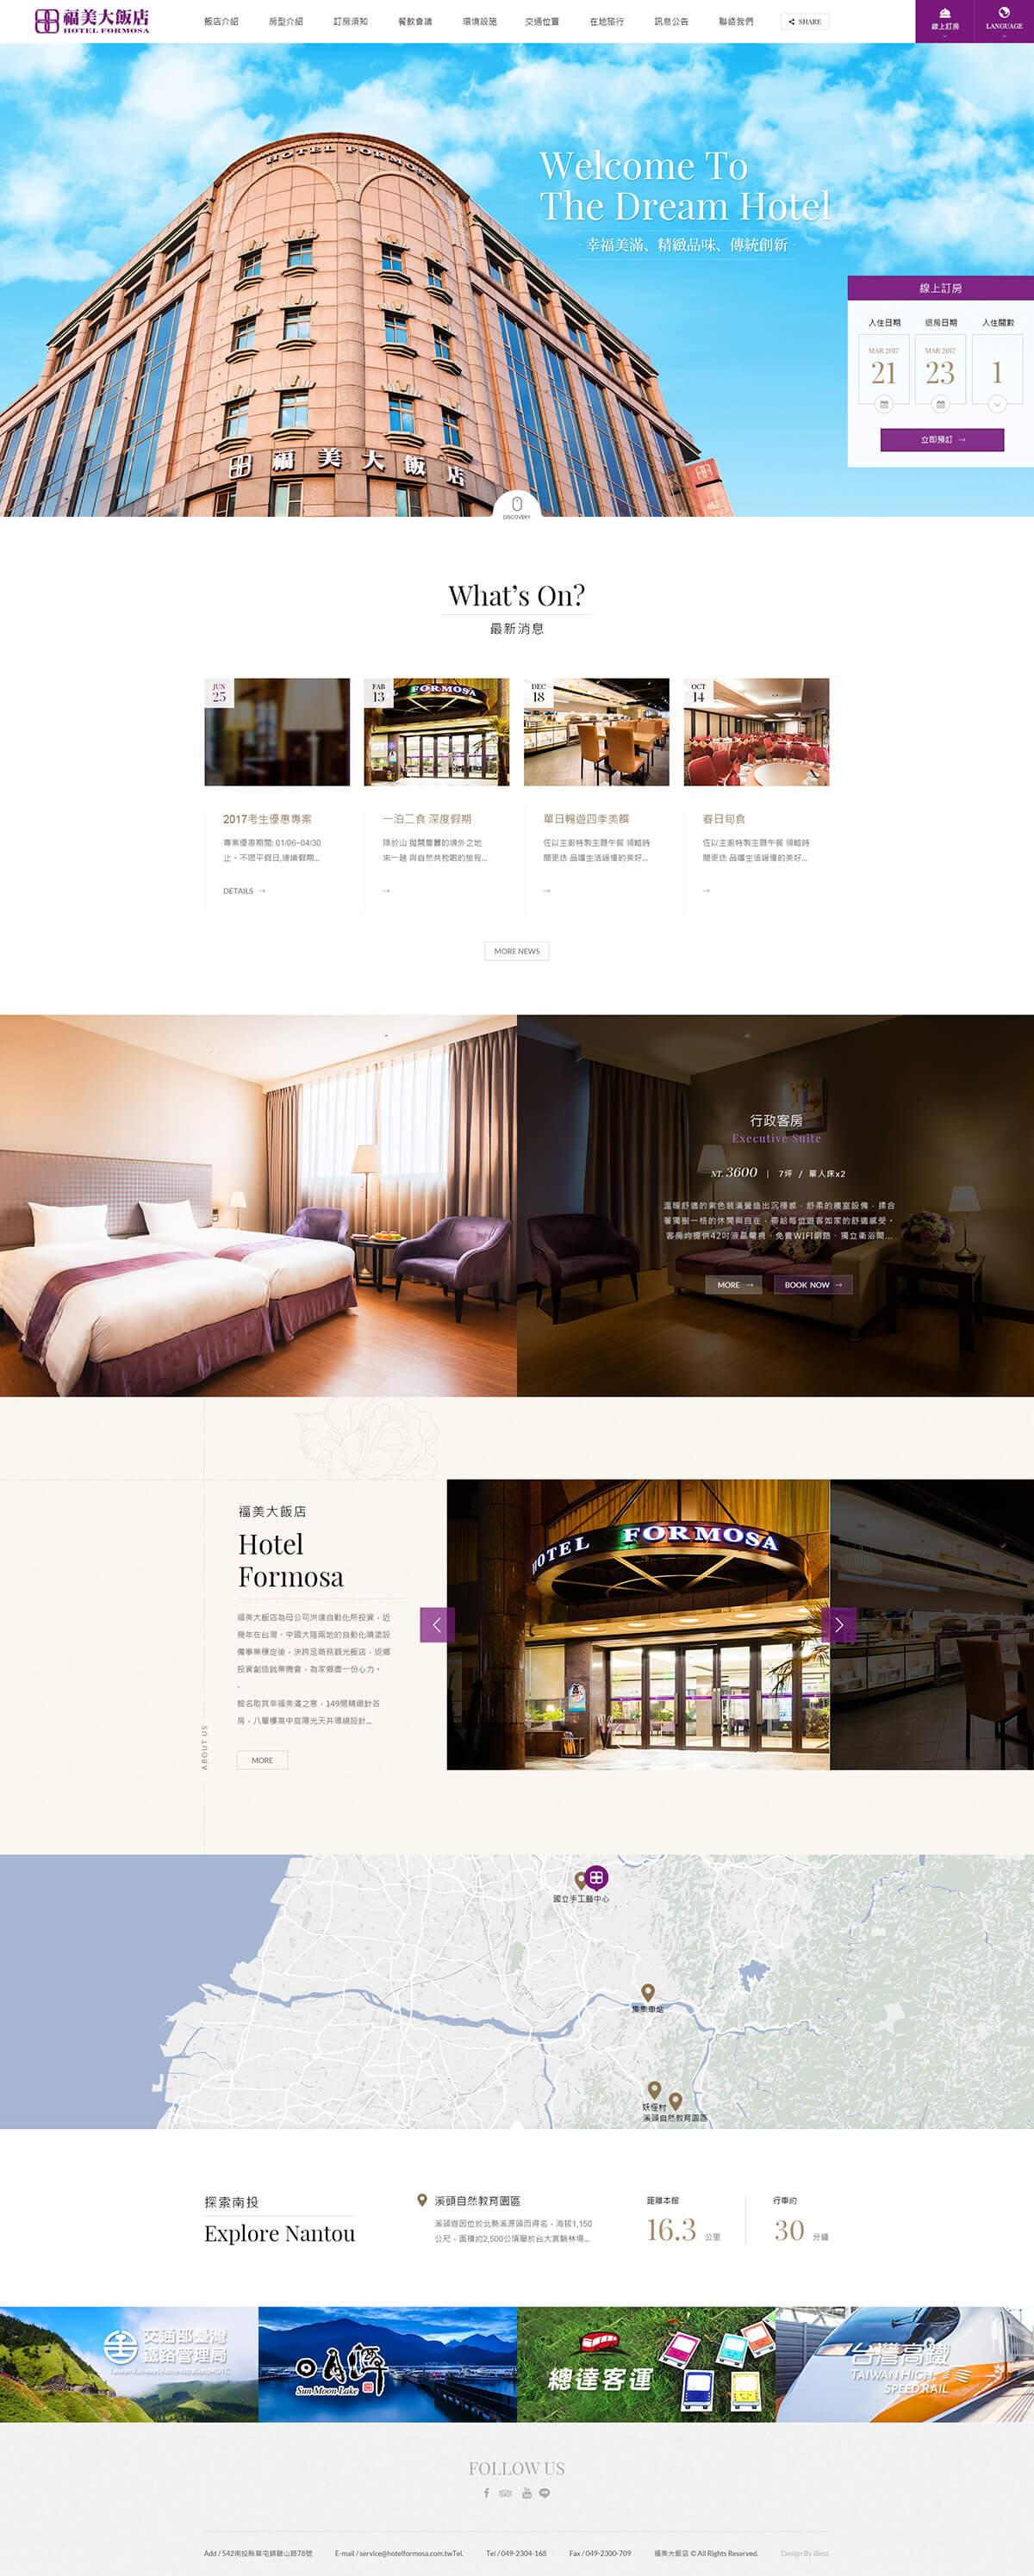 福美大飯店-網頁設計